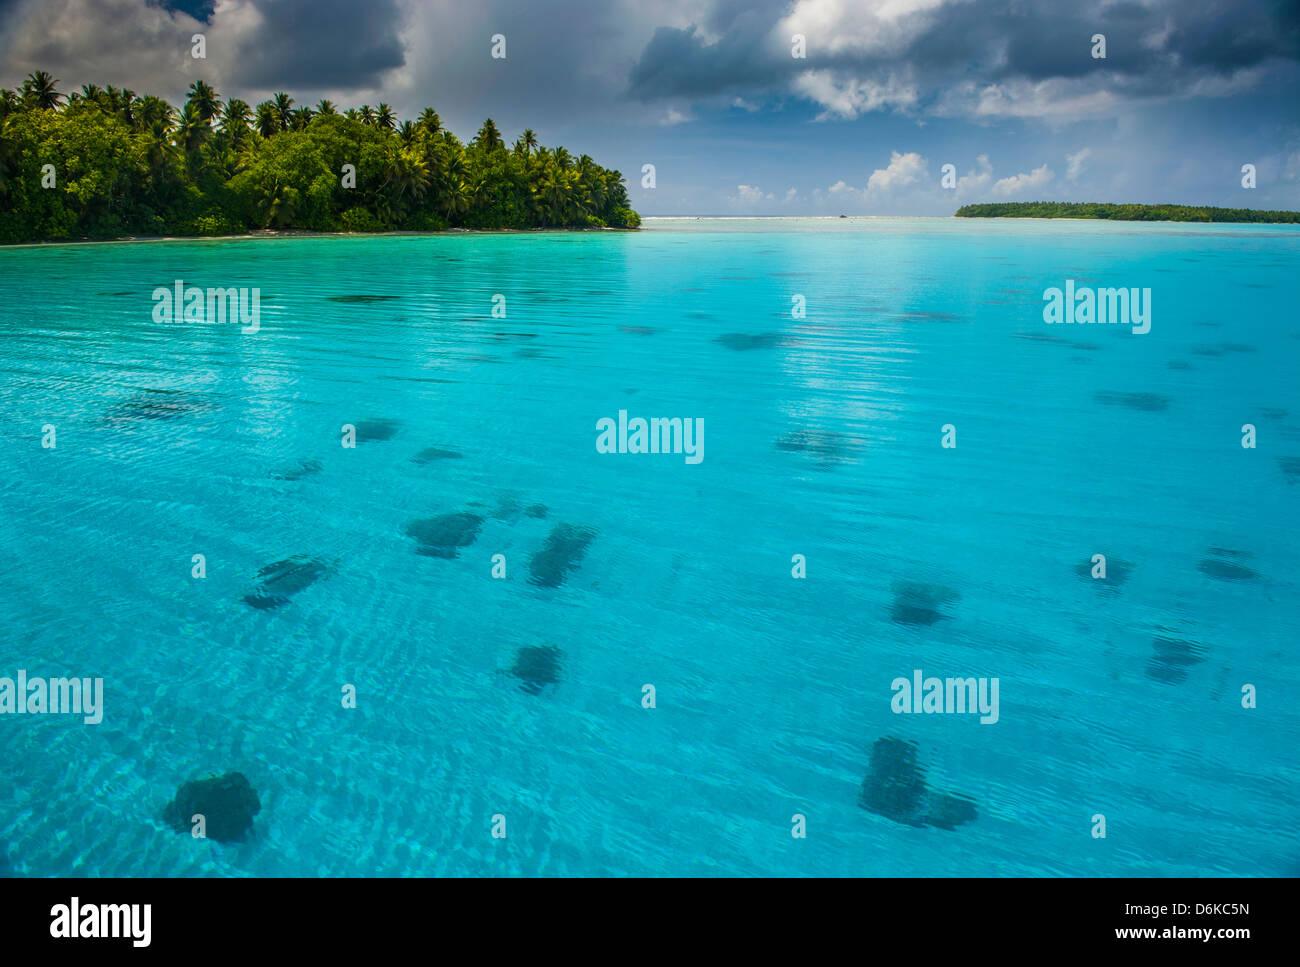 Wunderschönen türkisfarbenen Wasser im Ant-Atoll, Pohnpei, Mikronesien, Pazifik Stockbild